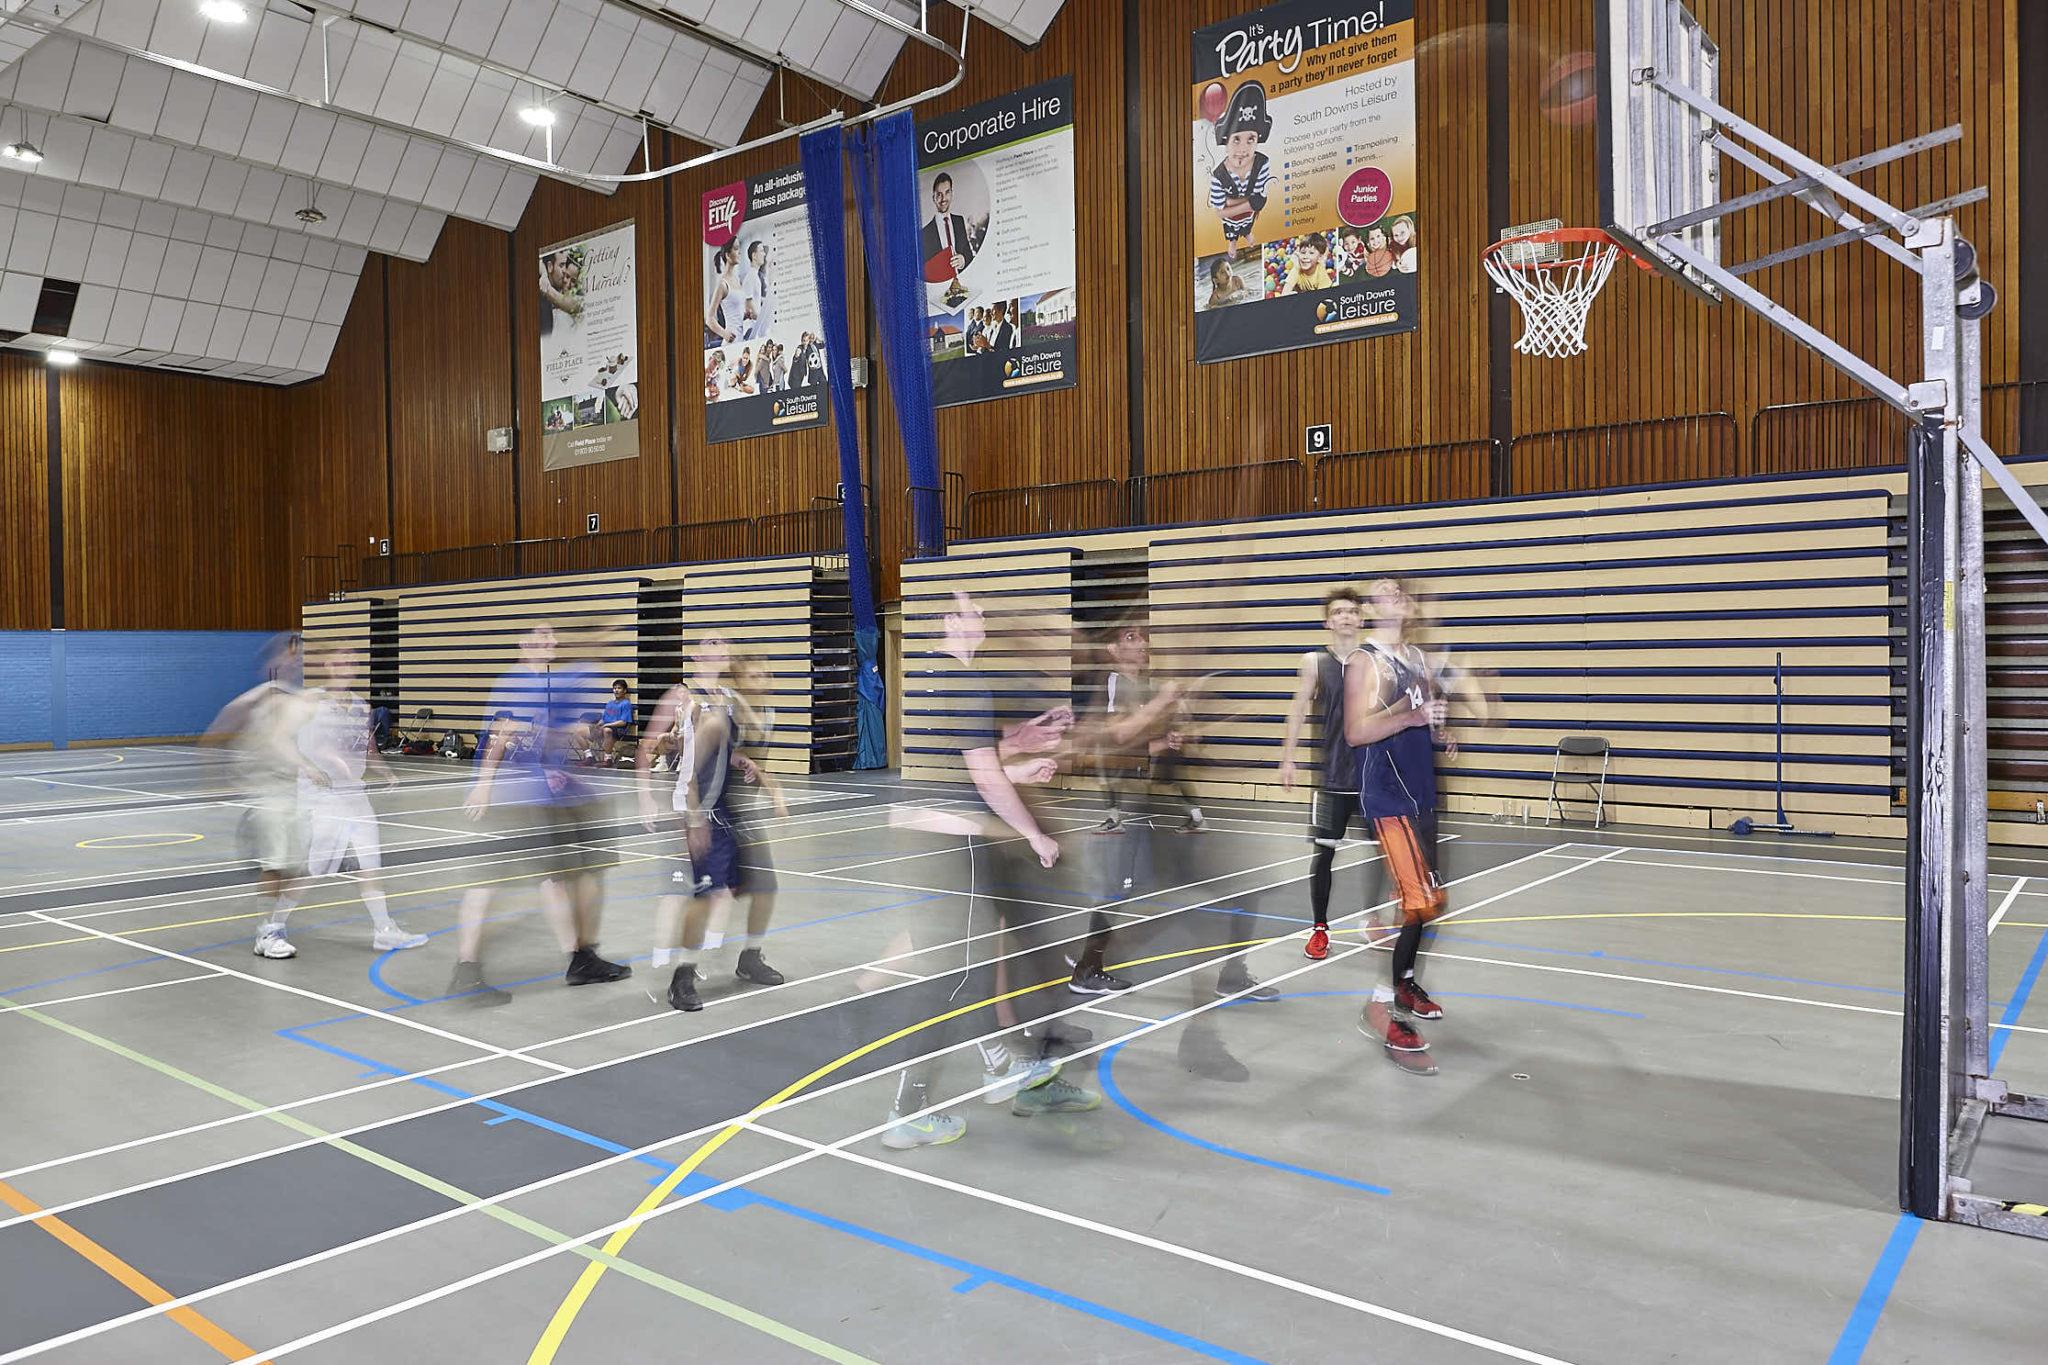 Indoor multiuse sports flooring